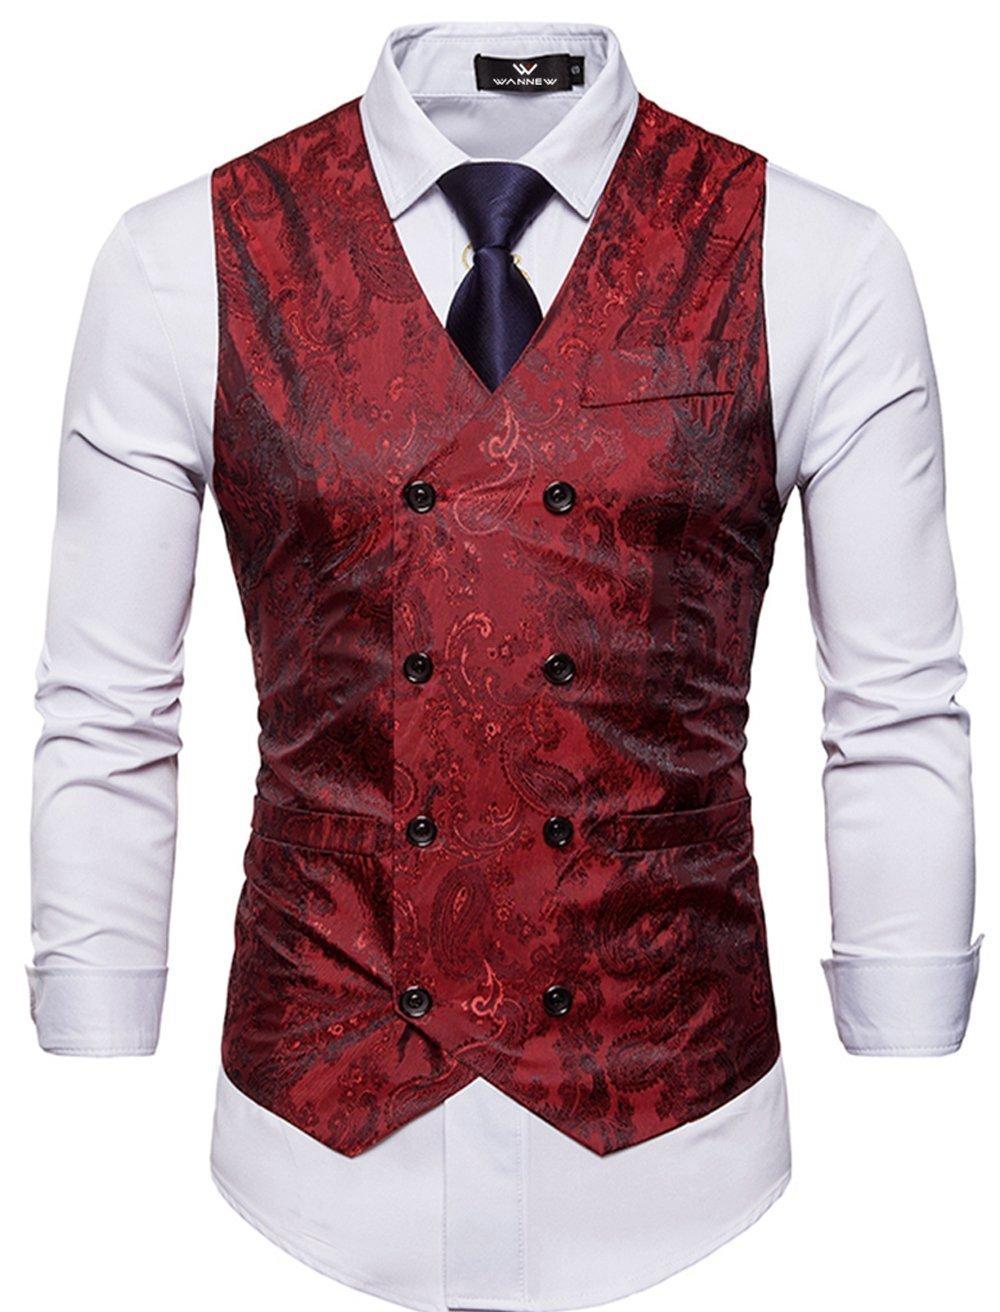 Cyparissus Mens Business Suit Vest Waistcoat Men's Dress Vest or Tuxedo Vest (L, Red)